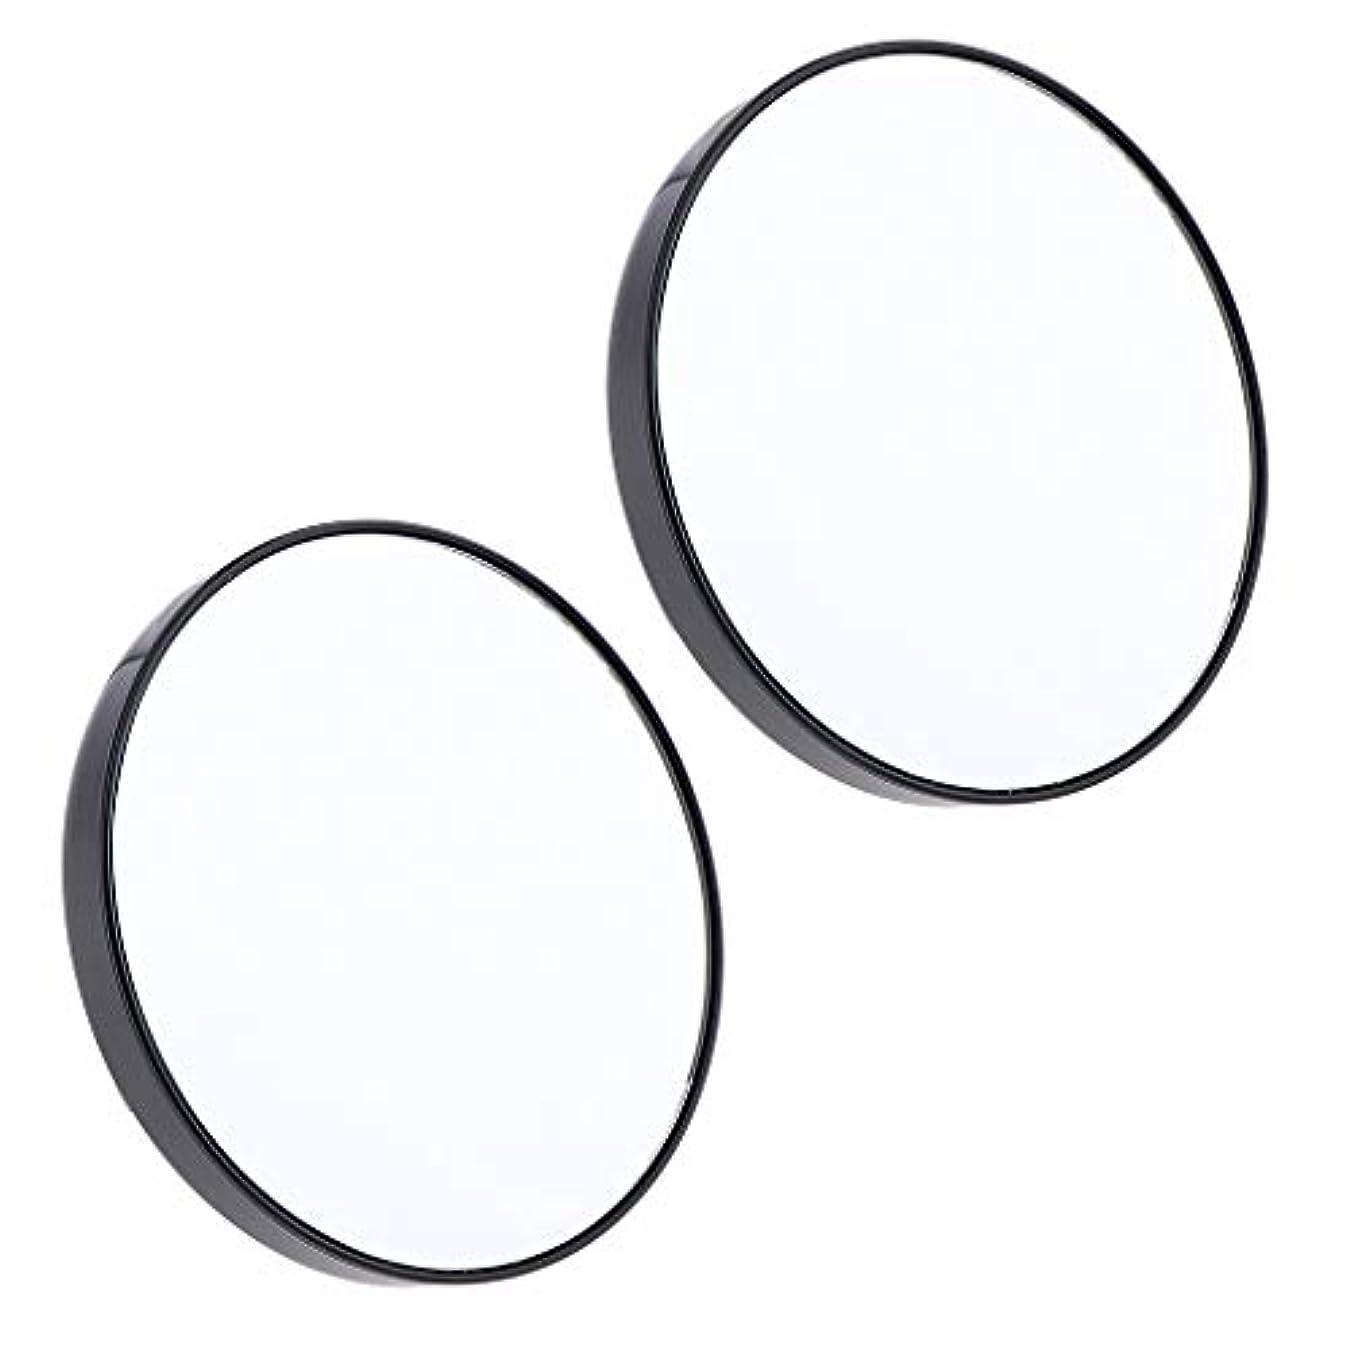 ペチュランス同一の磁器F Fityle 2個 サクションミラー メイクミラー 化粧鏡 10倍 拡大鏡 壁の吸引ミラー